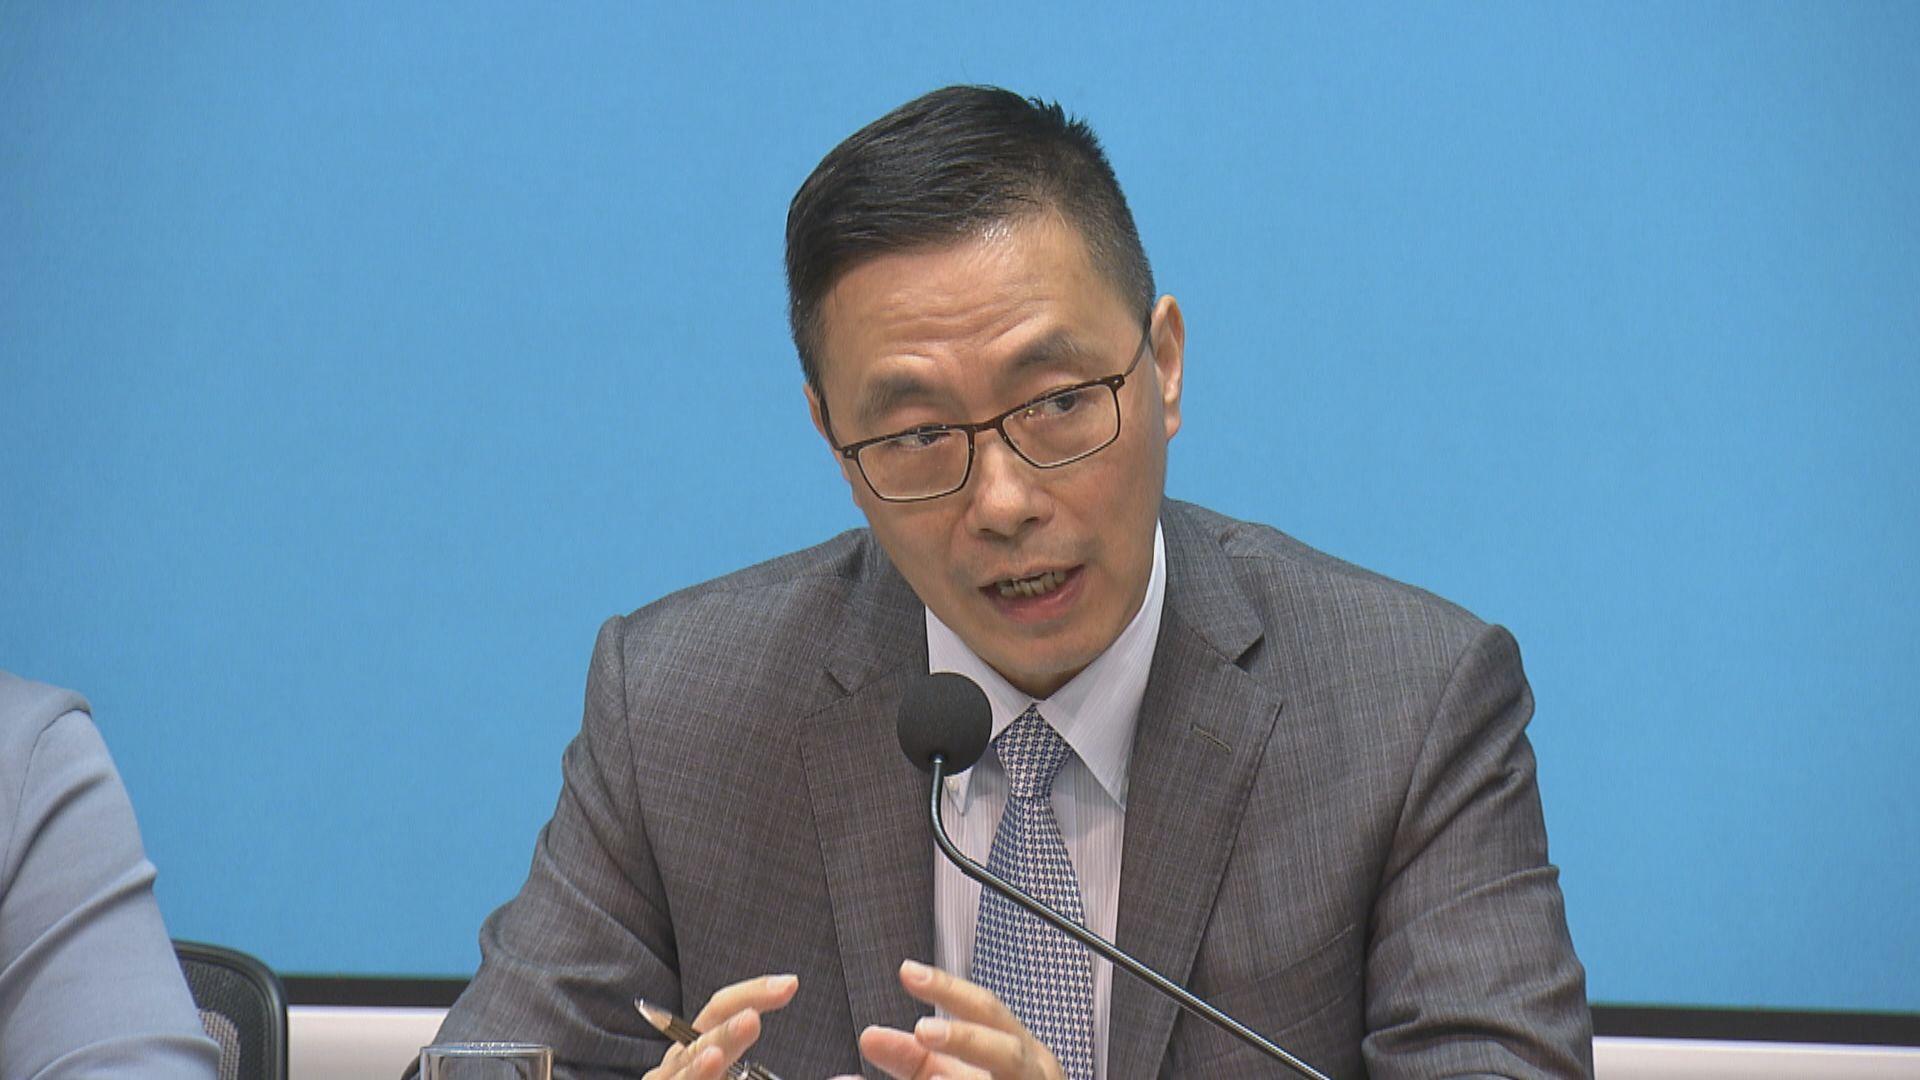 楊潤雄:容許合資格學校開設多一個常額教席